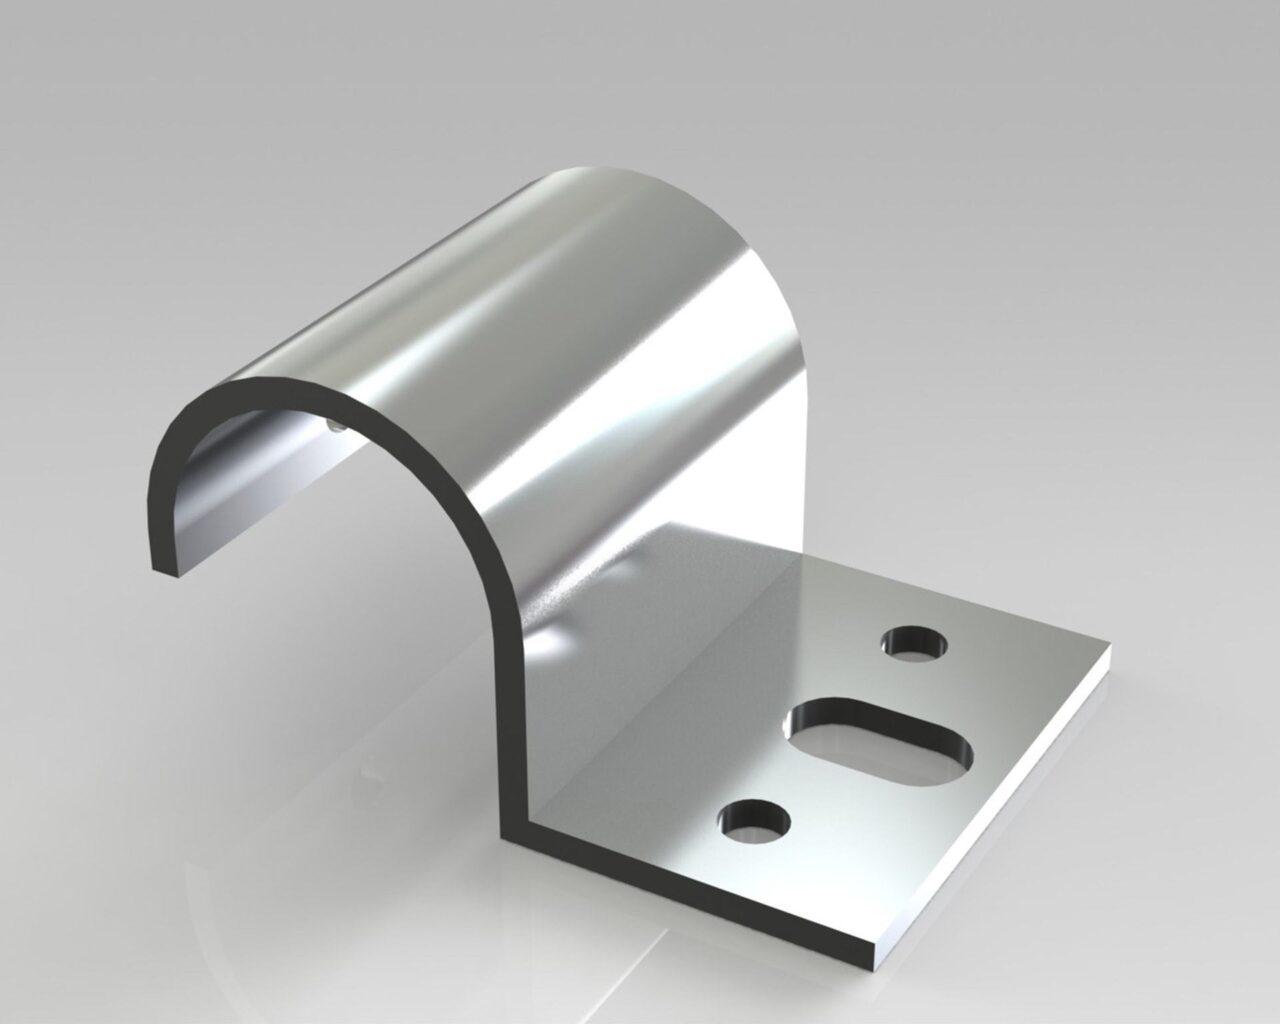 PEK3 Easytube Metal Accessories PC-A